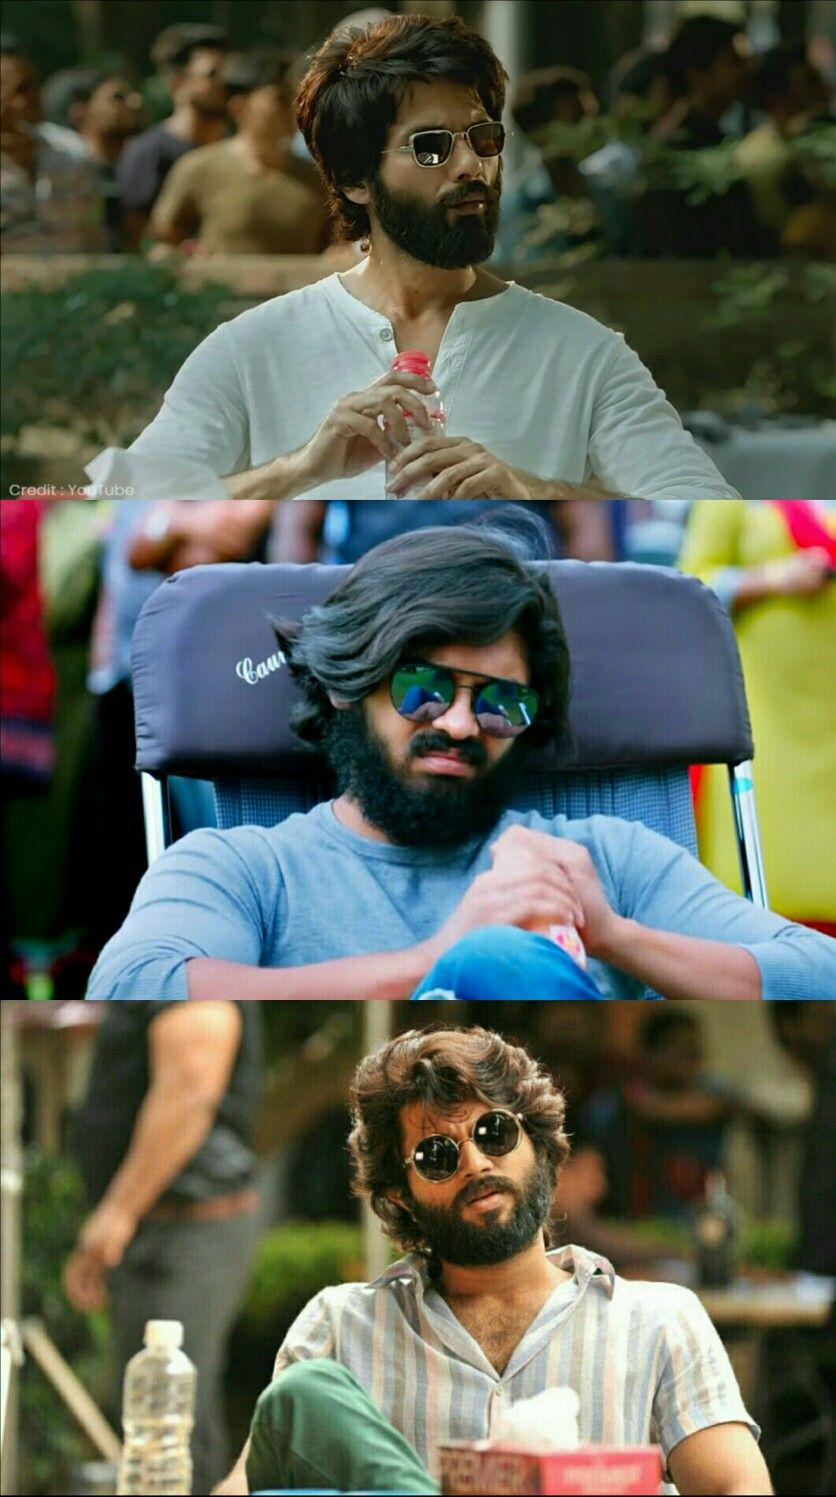 Kabir Singh Arjun Reddy And Aditya Varma Movie Wallpapers Bollywood Pictures Most Handsome Actors 1080p full hd 1080p arjun reddy hd